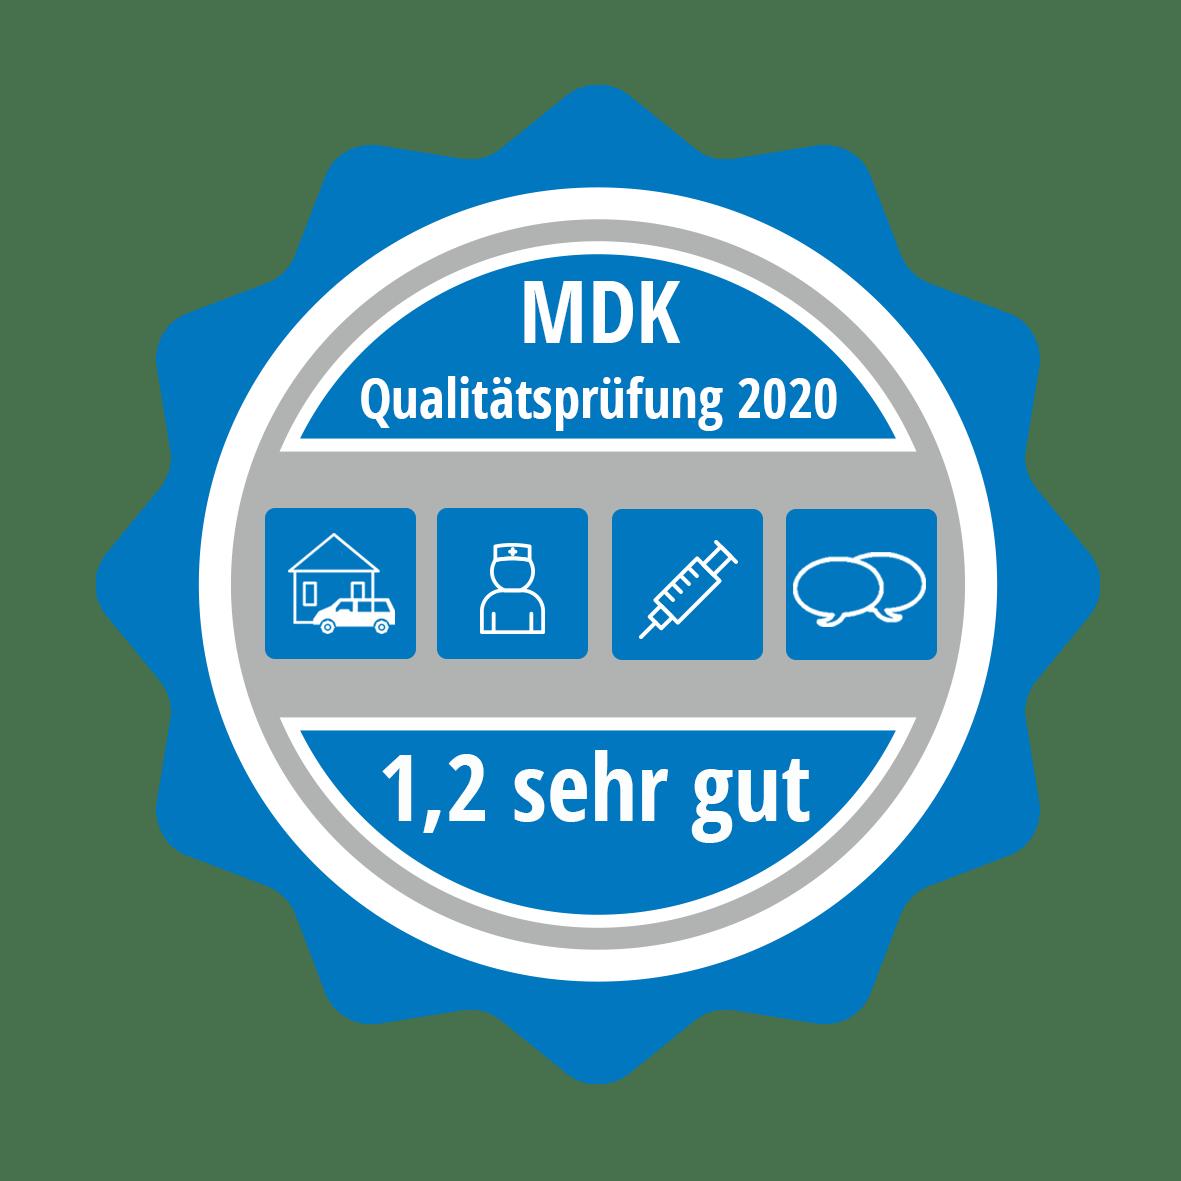 MDK Qualitätsprüfung2020